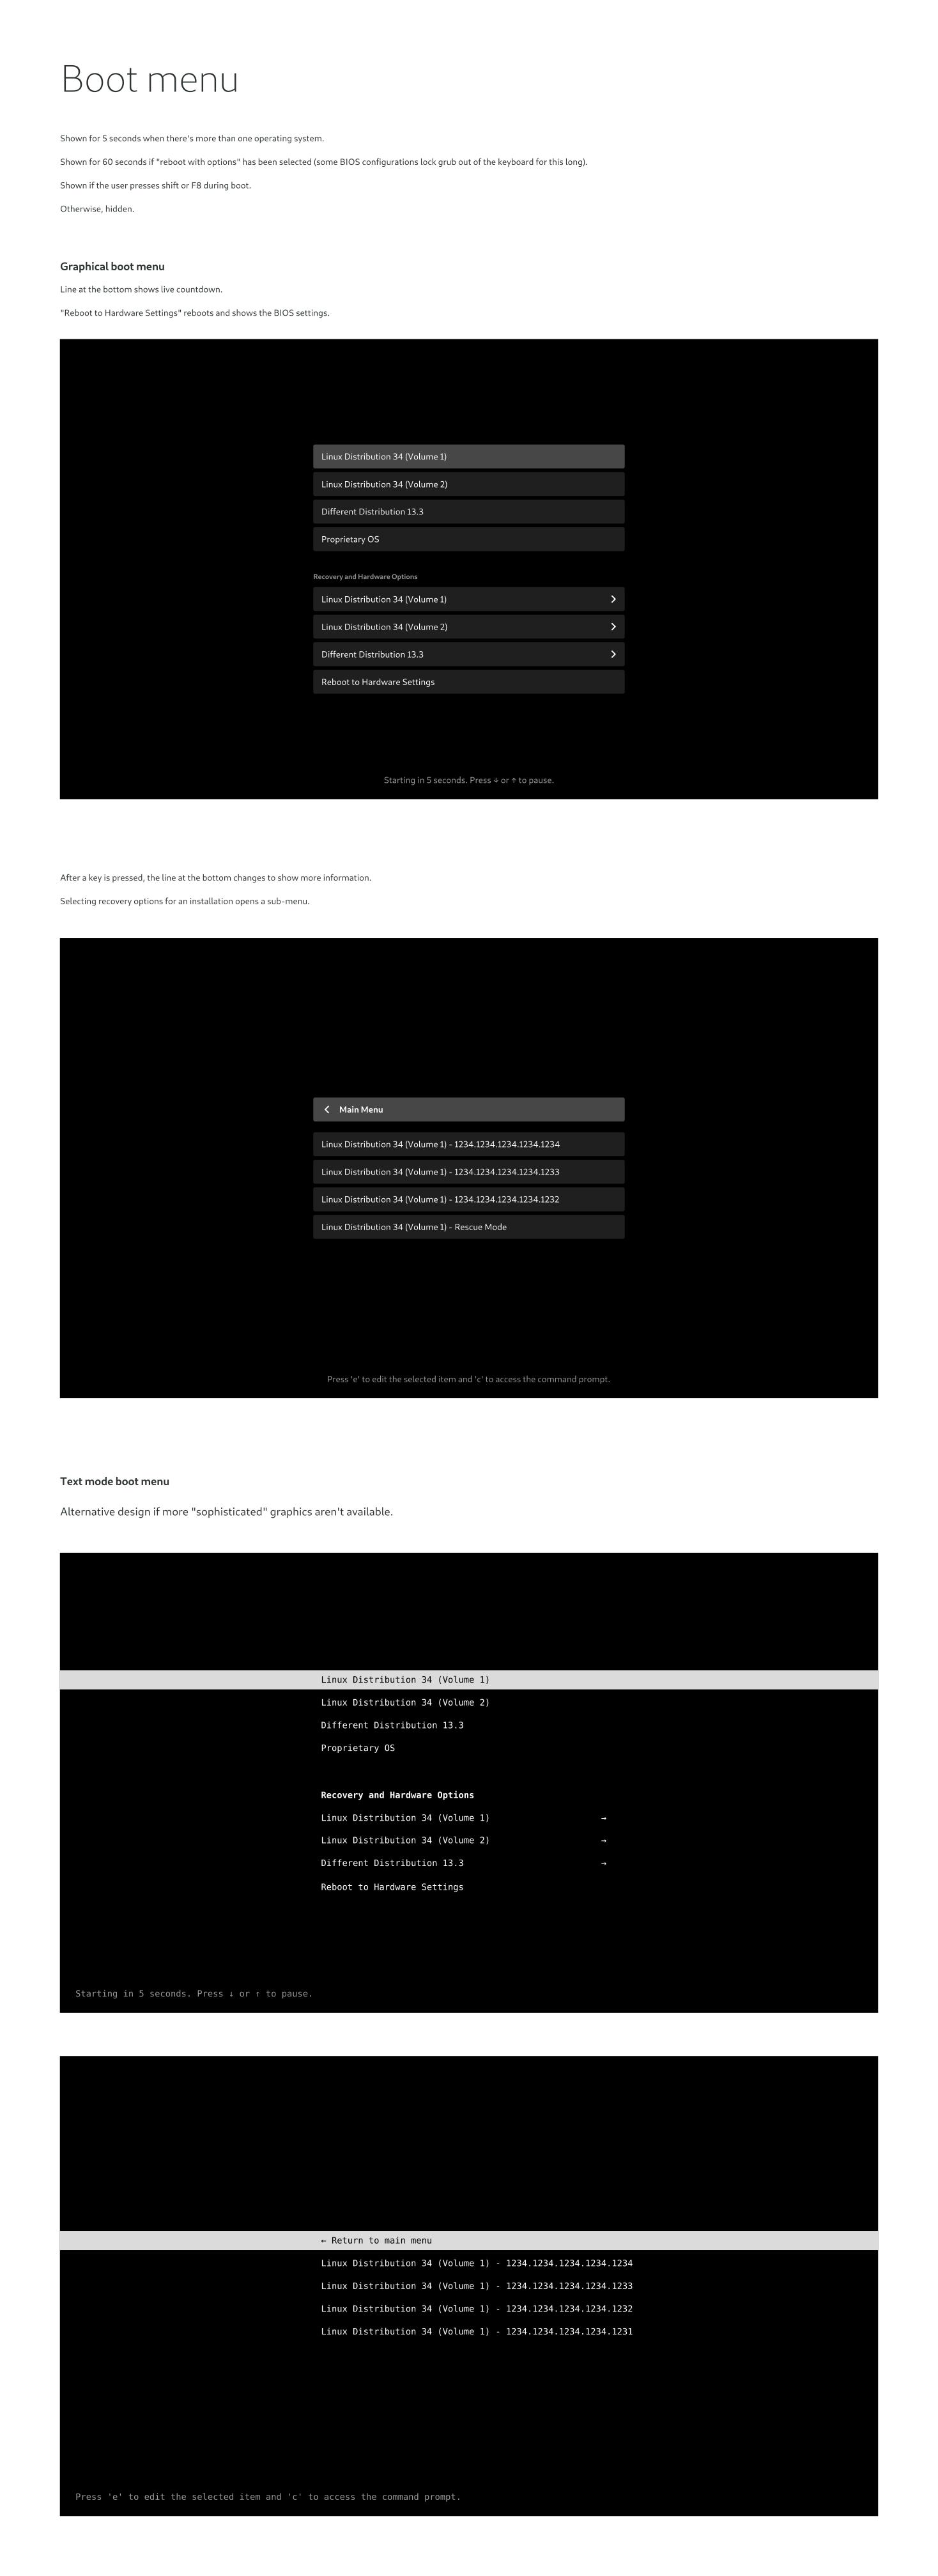 boot/boot-menu.png